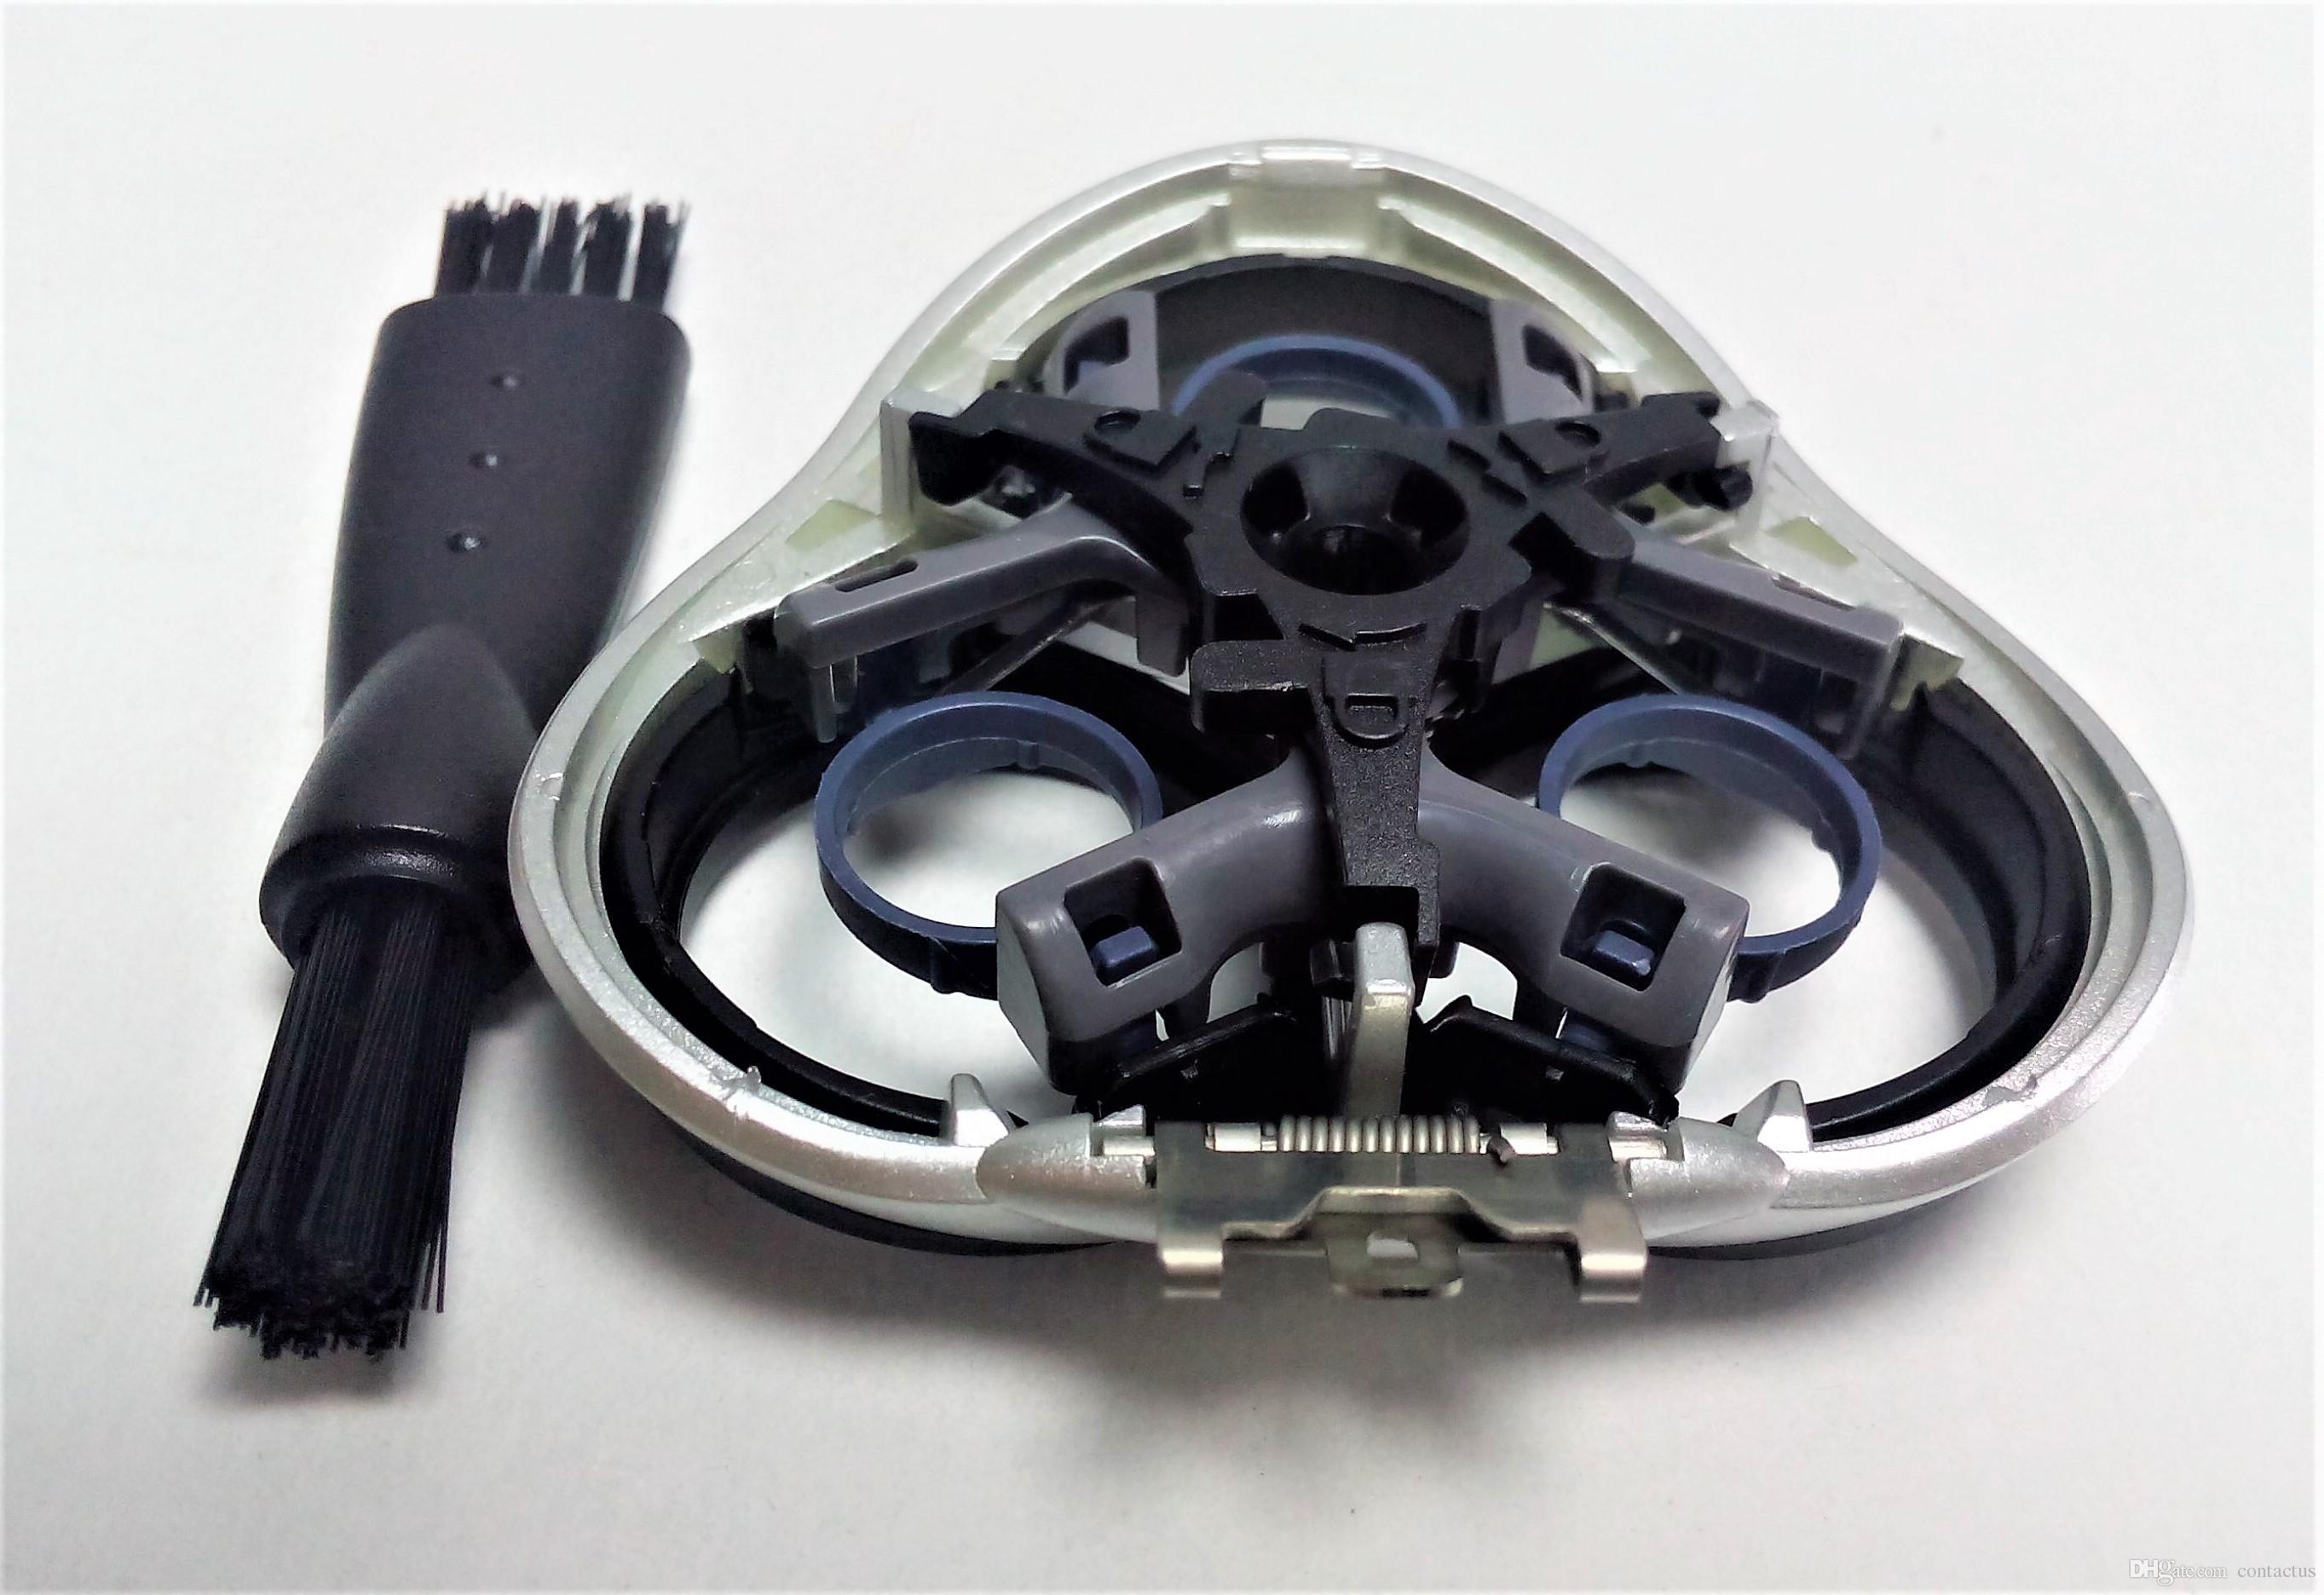 Бритвенная головка держатель лезвия пластины для Philips Norelco HQ8150 HQ8151XL 8160 HQ8100 HQ8140 8100 серии бритвы резак рамка частей новый